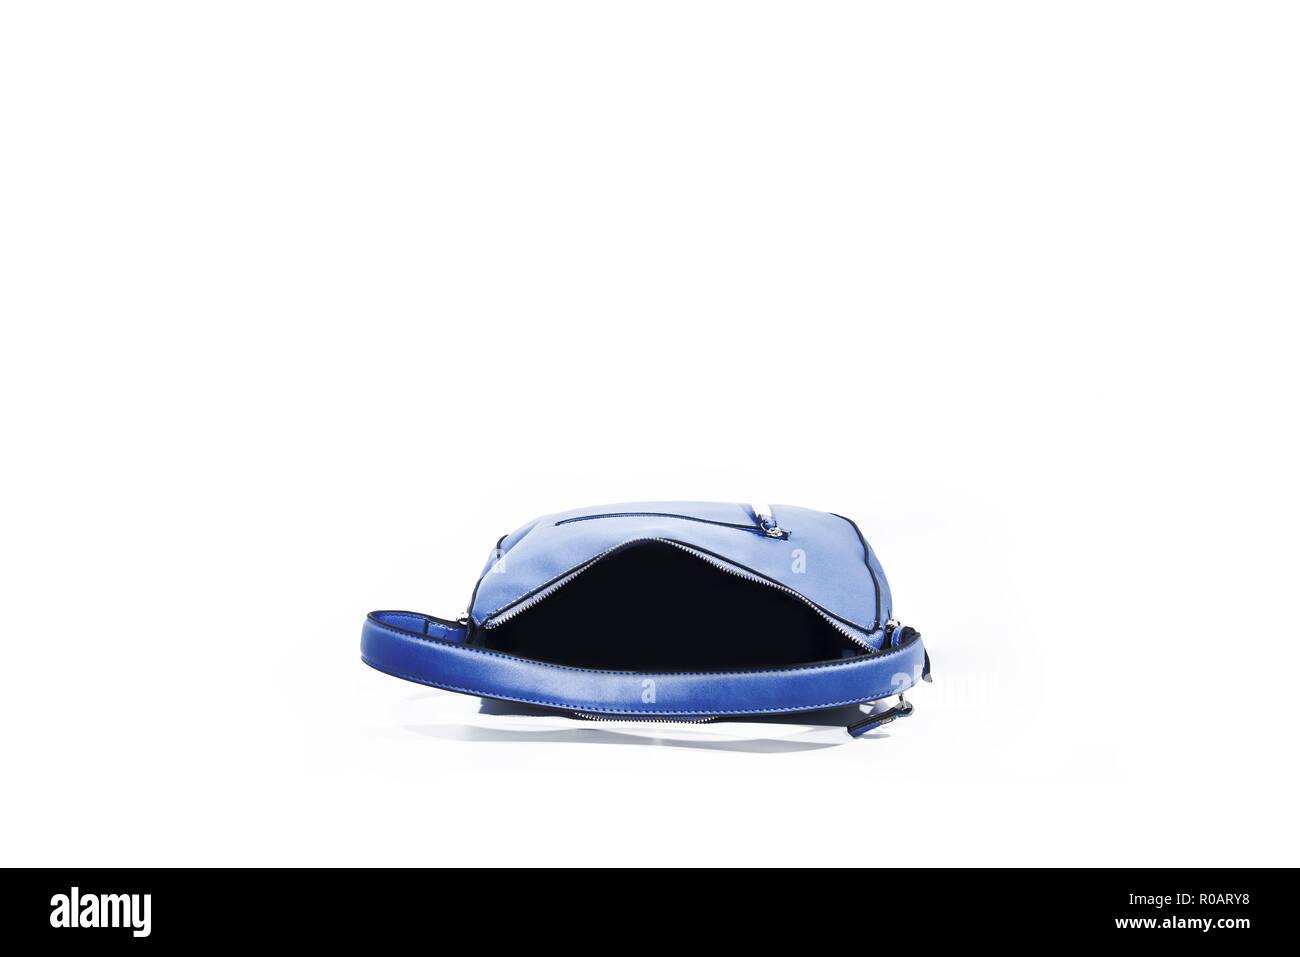 Vuoto Azzurro Ladies Handbag Isolati Su Sfondo Bianco Foto